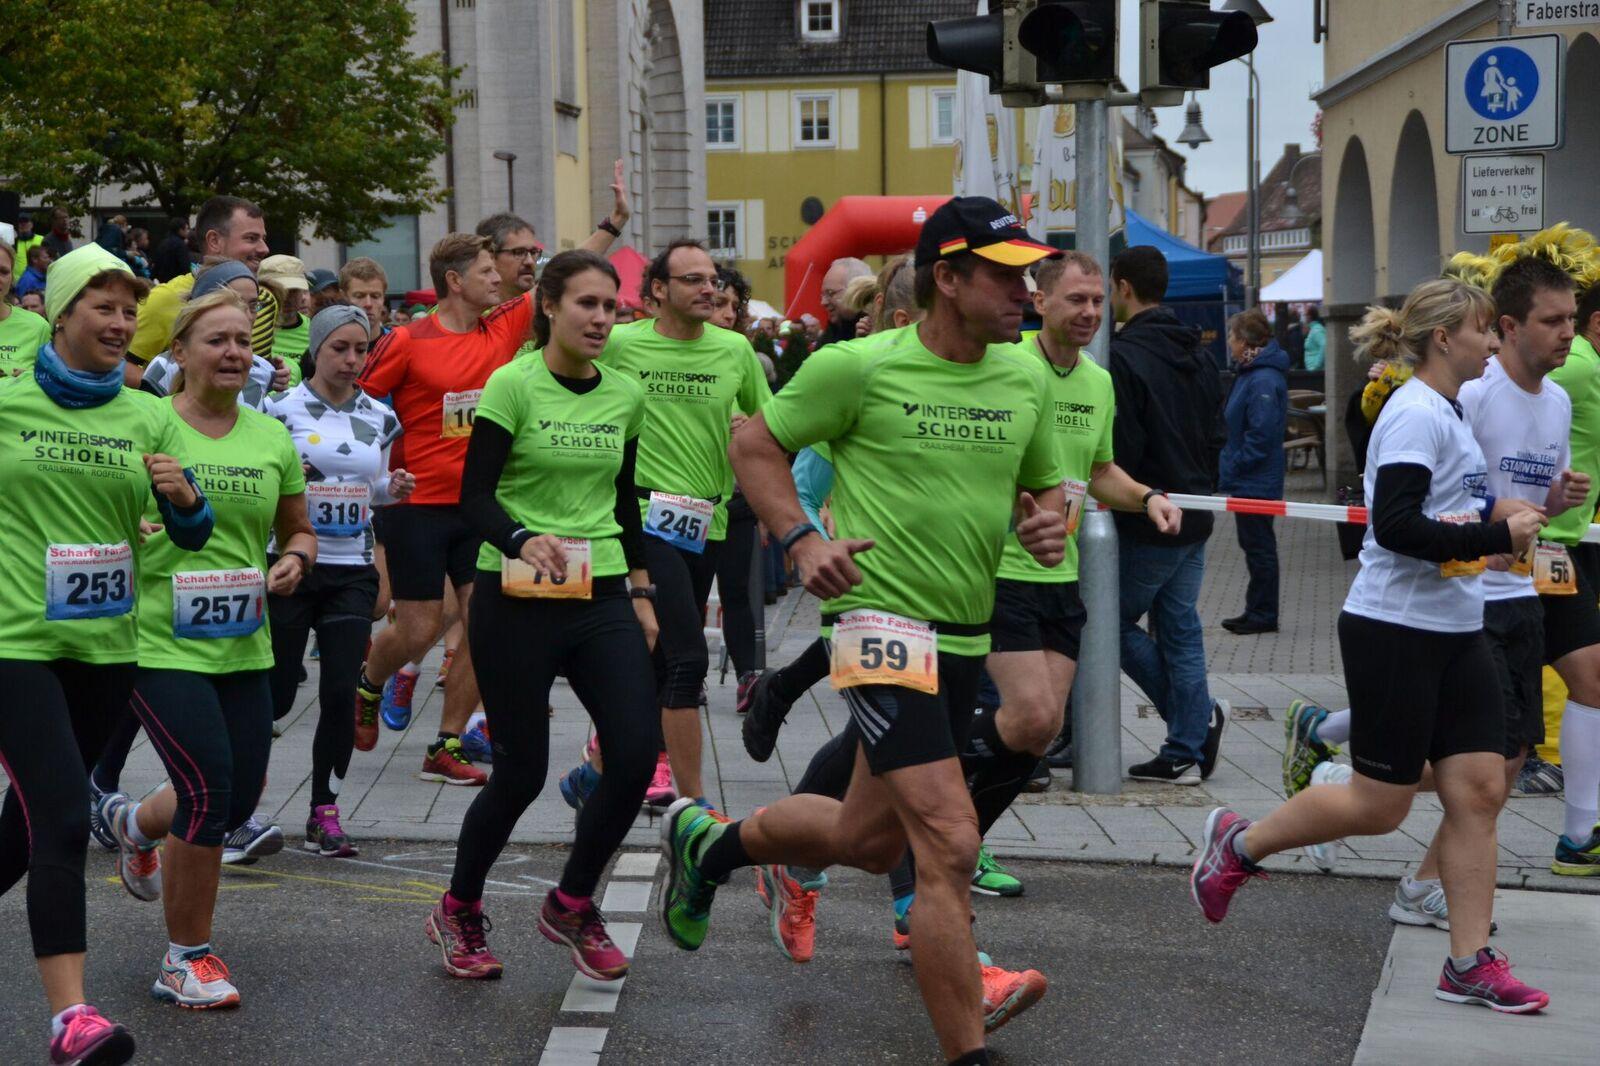 steide-runners auf der Strecke beim 7. Crailsheimer Sparkassenlauf